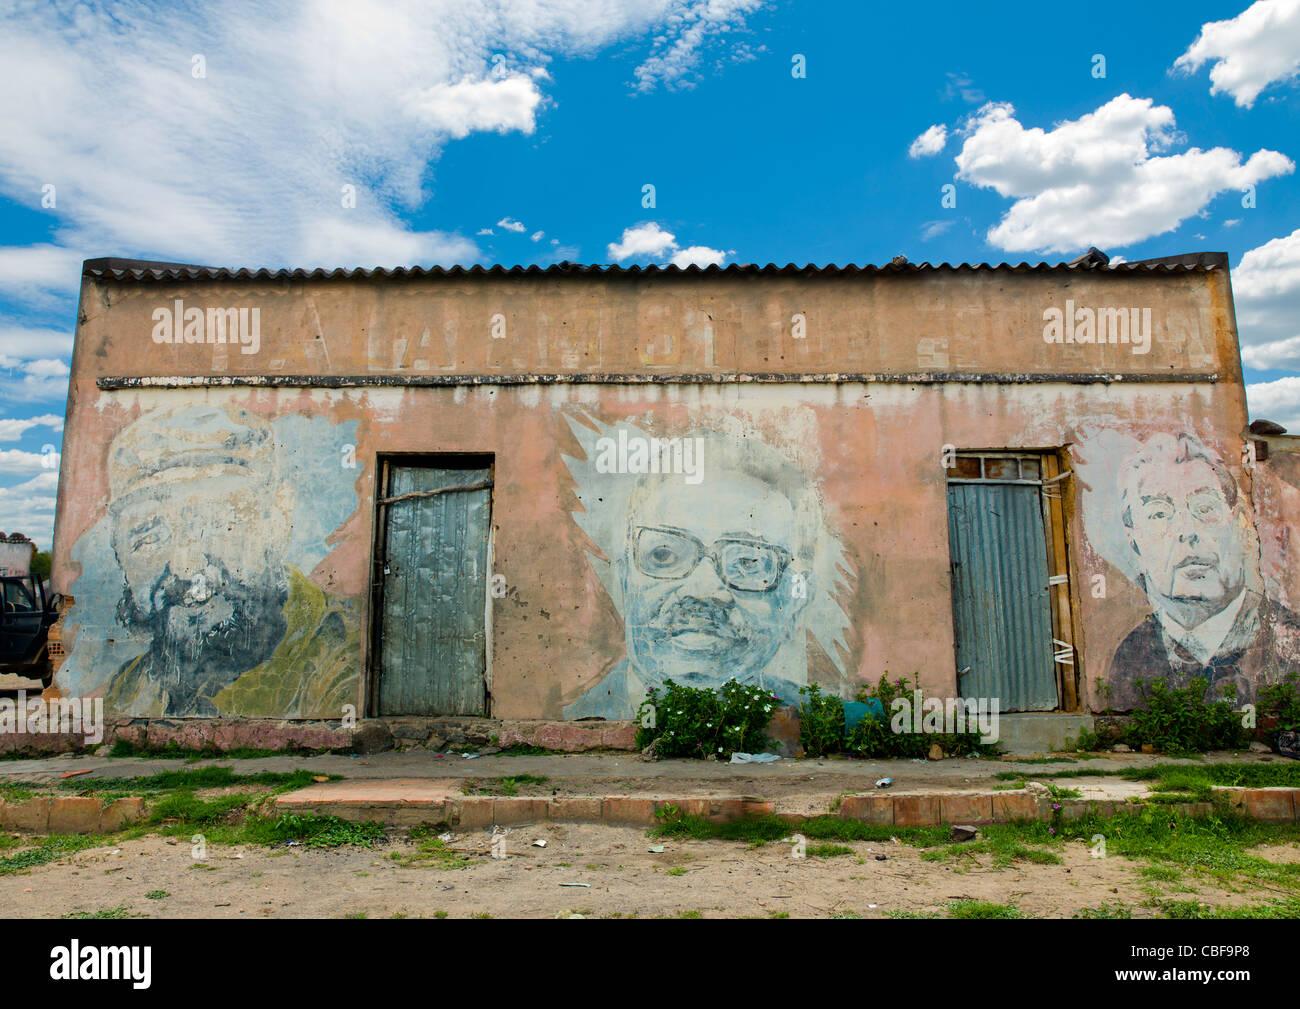 Old Communist Propaganda Painted On A Wall, Bilaiambundo, Angola - Stock Image